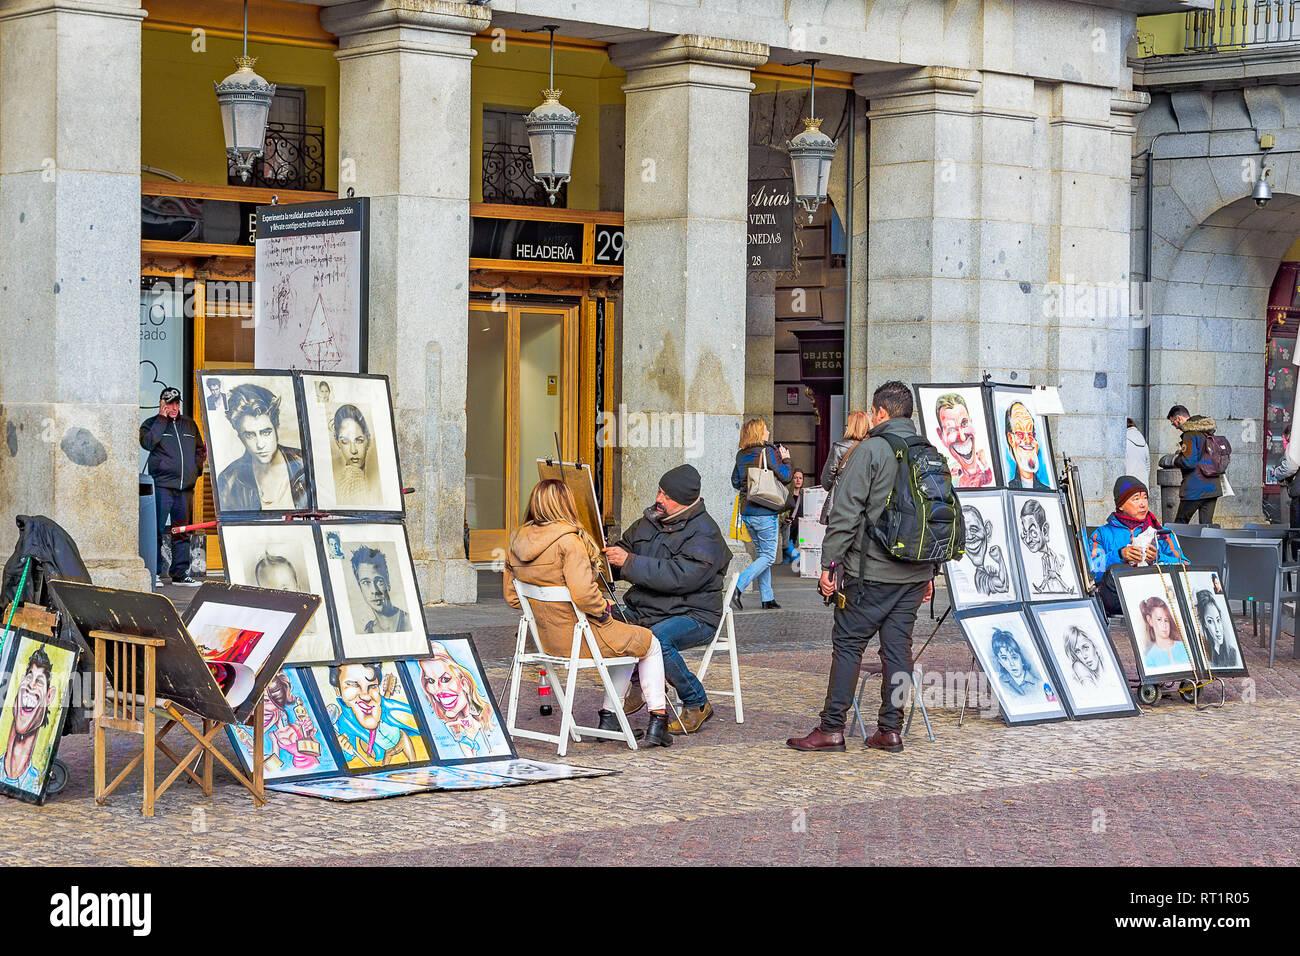 Tu fotografia del dia - Página 3 El-22-de-enero-de-2019-la-plaza-mayor-de-madrid-un-dibujante-de-la-calle-haciendo-un-retrato-de-una-mujer-rt1r05